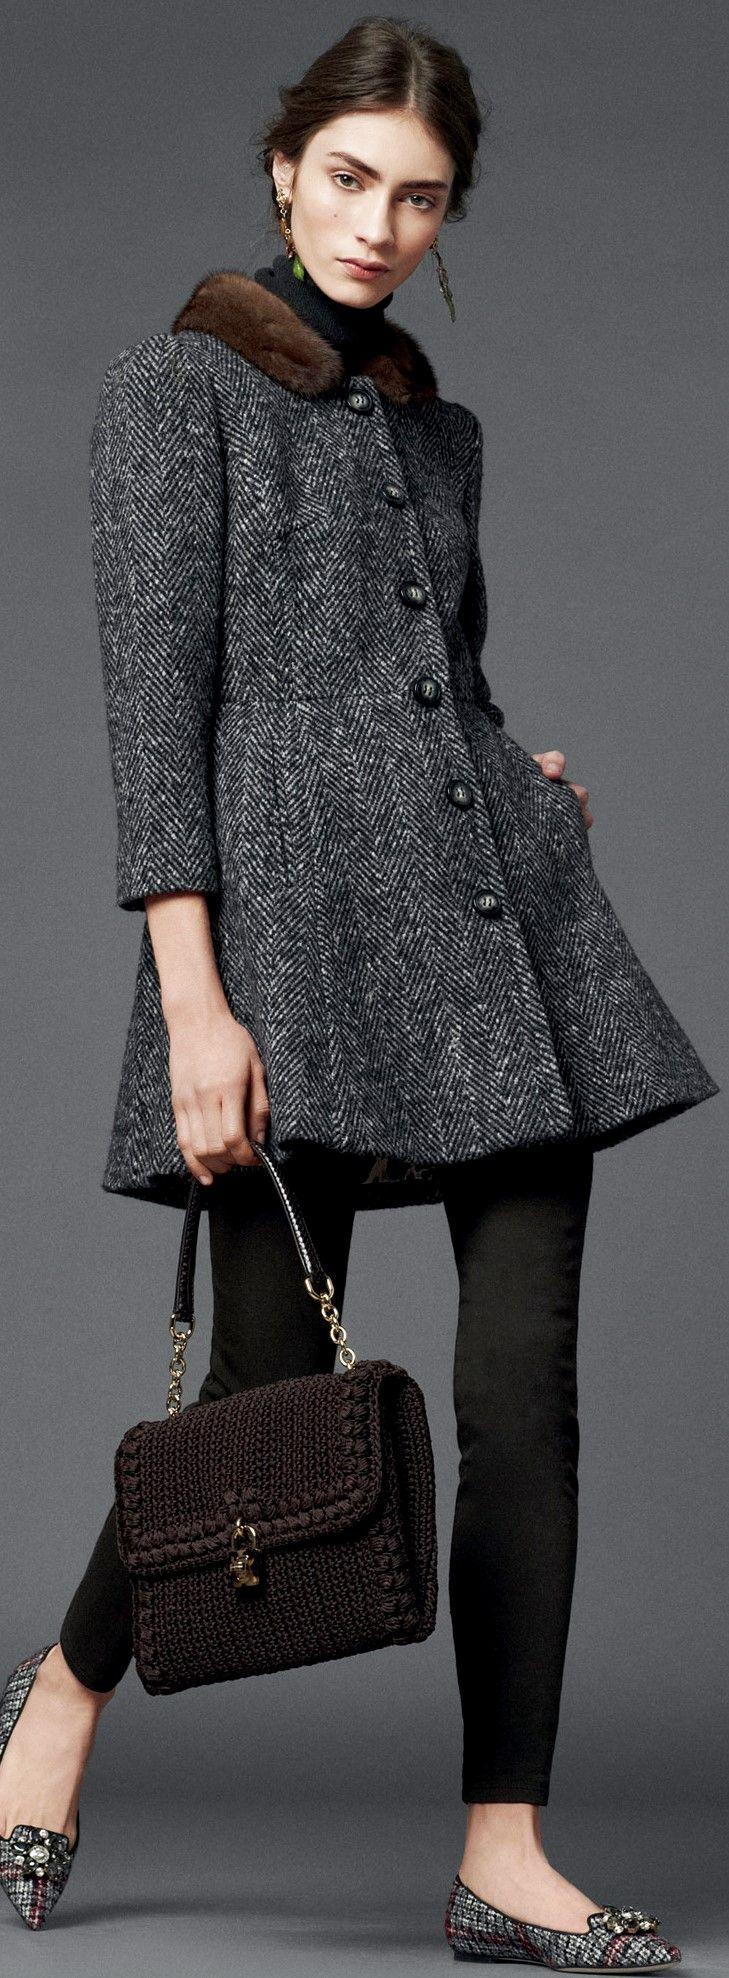 Dolce & Gabbana Seguici diventa nostra fan ed entrerai nel mondo fantastico del Glamour  Shoe shoes scarpe bags bag borse fashion chic luxury street style moda donna: